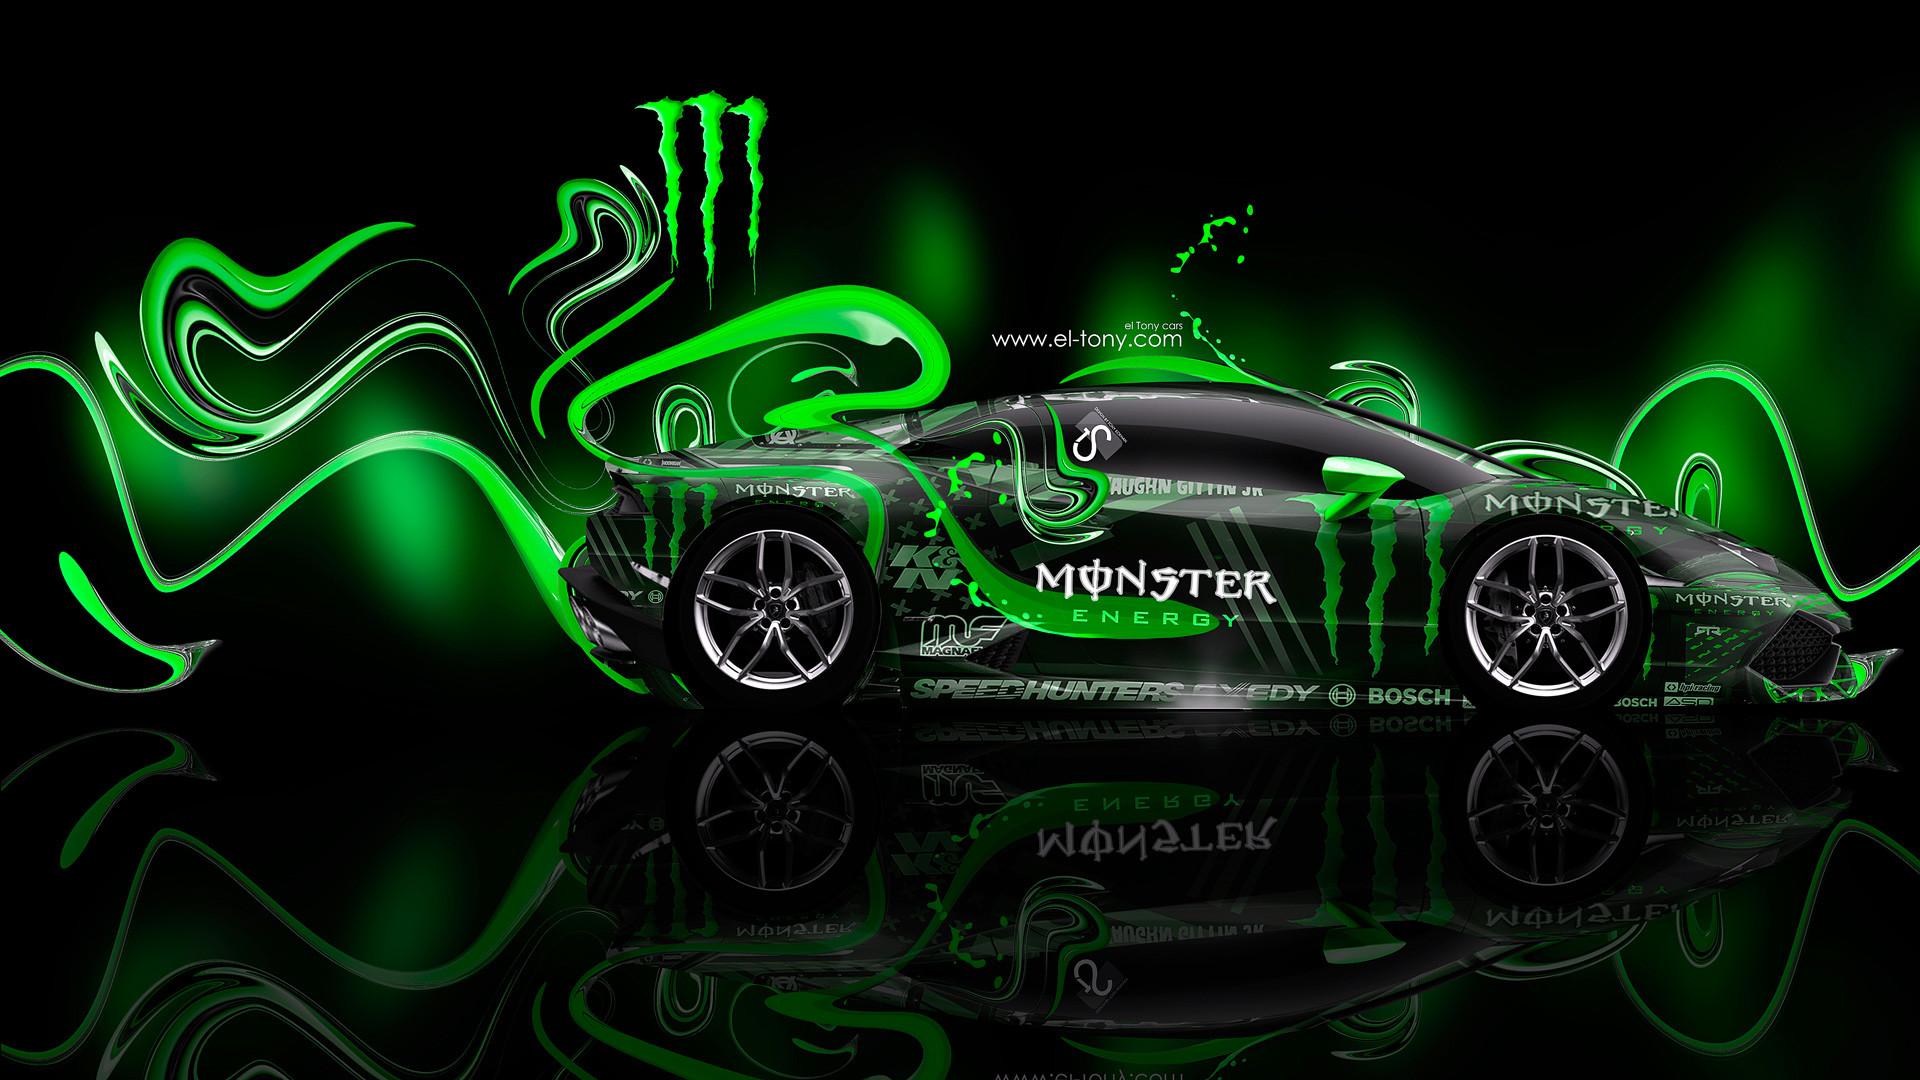 Monster energy desktop wallpaper 70 images - Monster energy wallpaper download ...